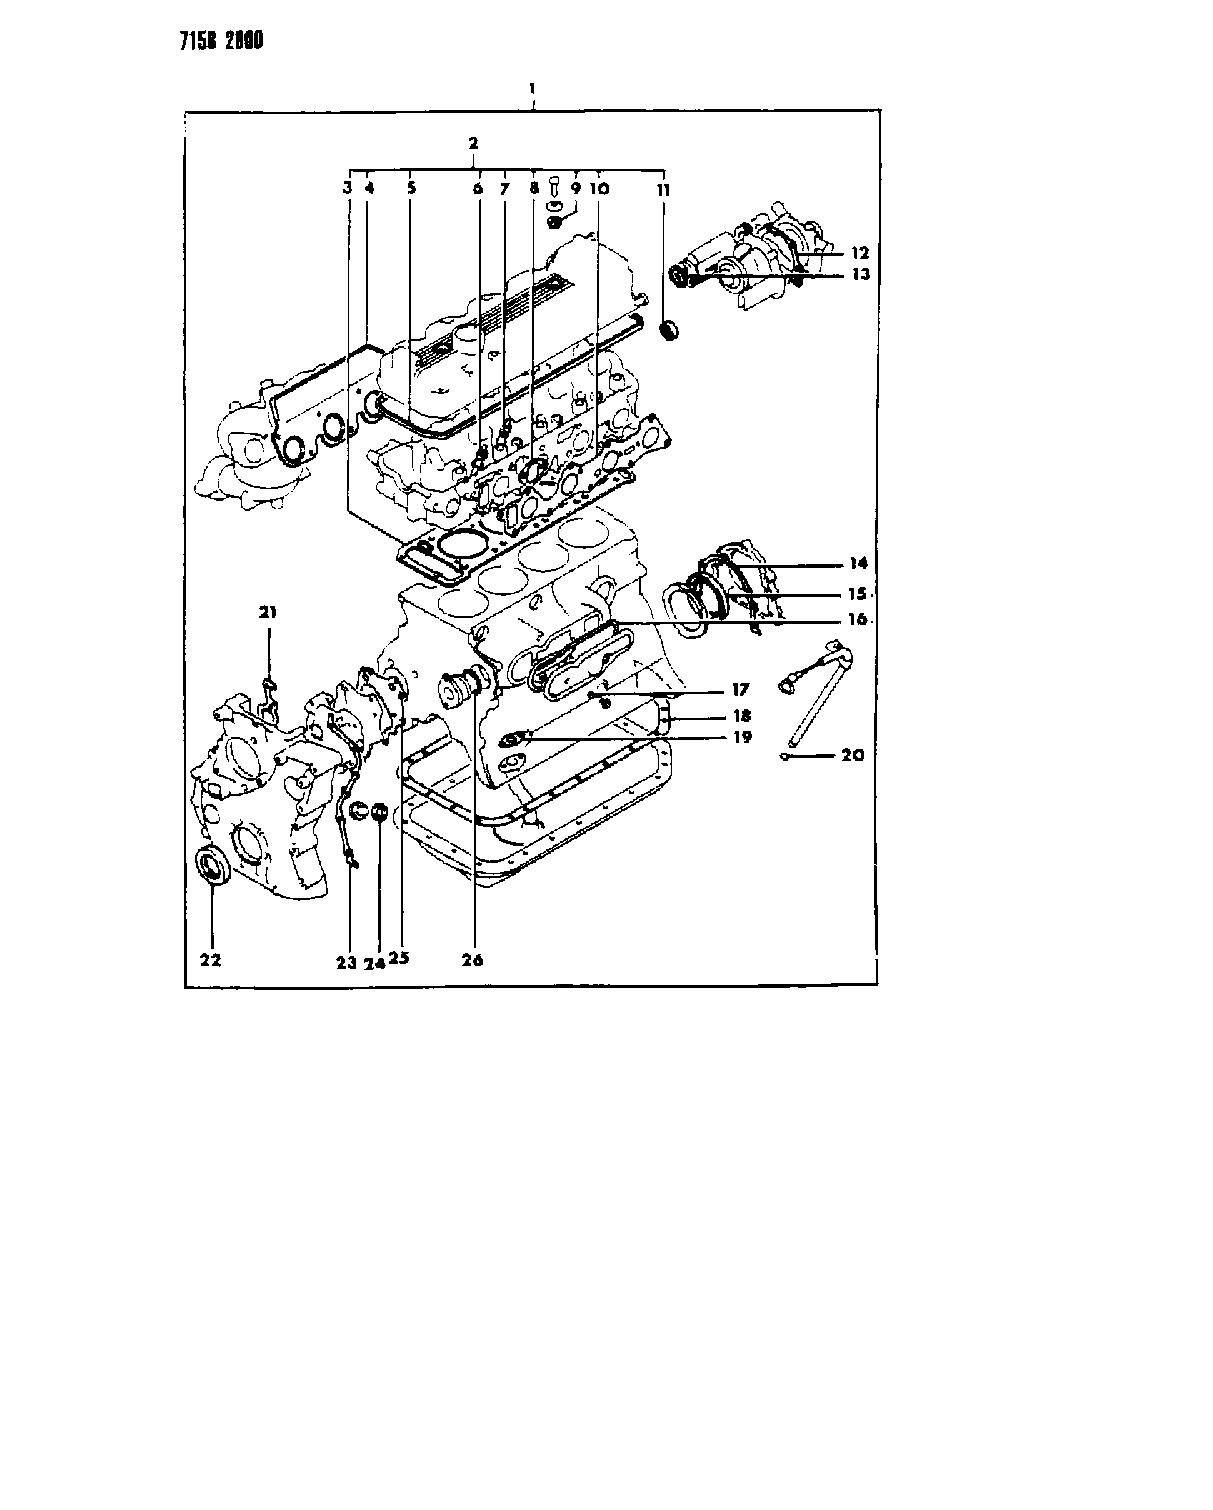 1987 chrysler new yorker engine gasket sets